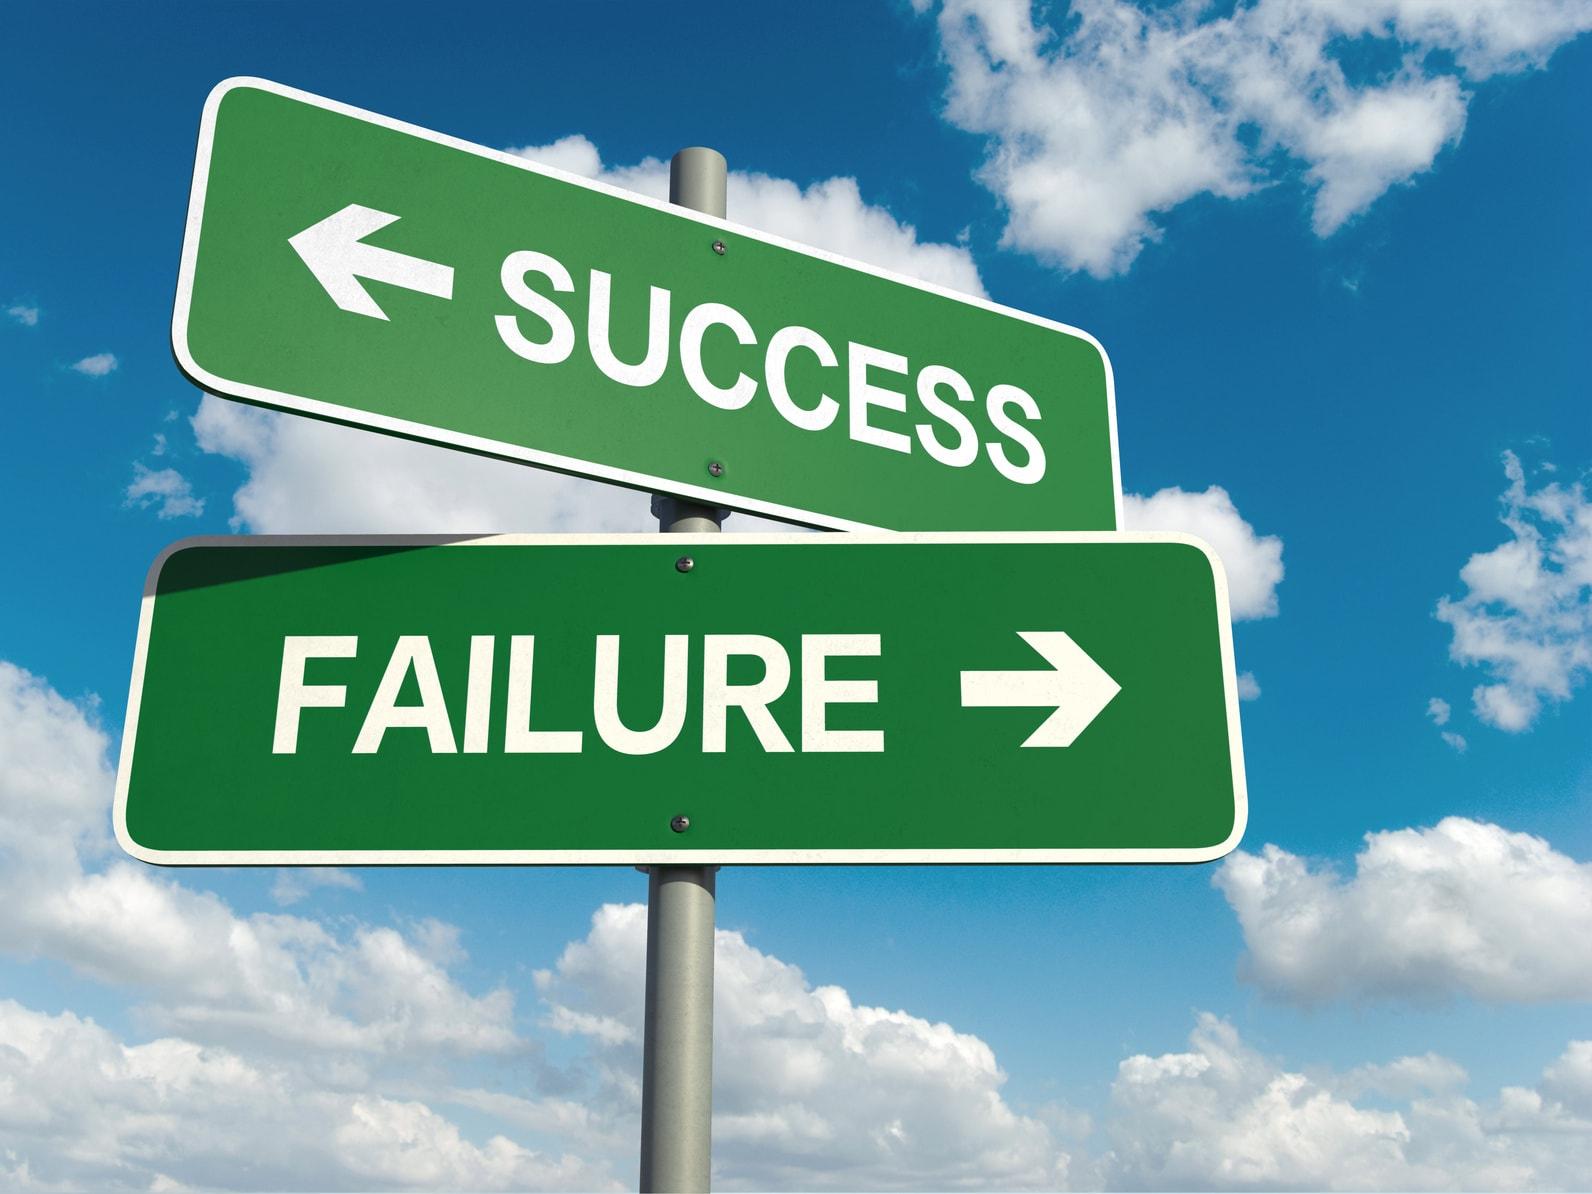 Marketing bất động sản – Tại sao không hiệu quả? (Phần 1)